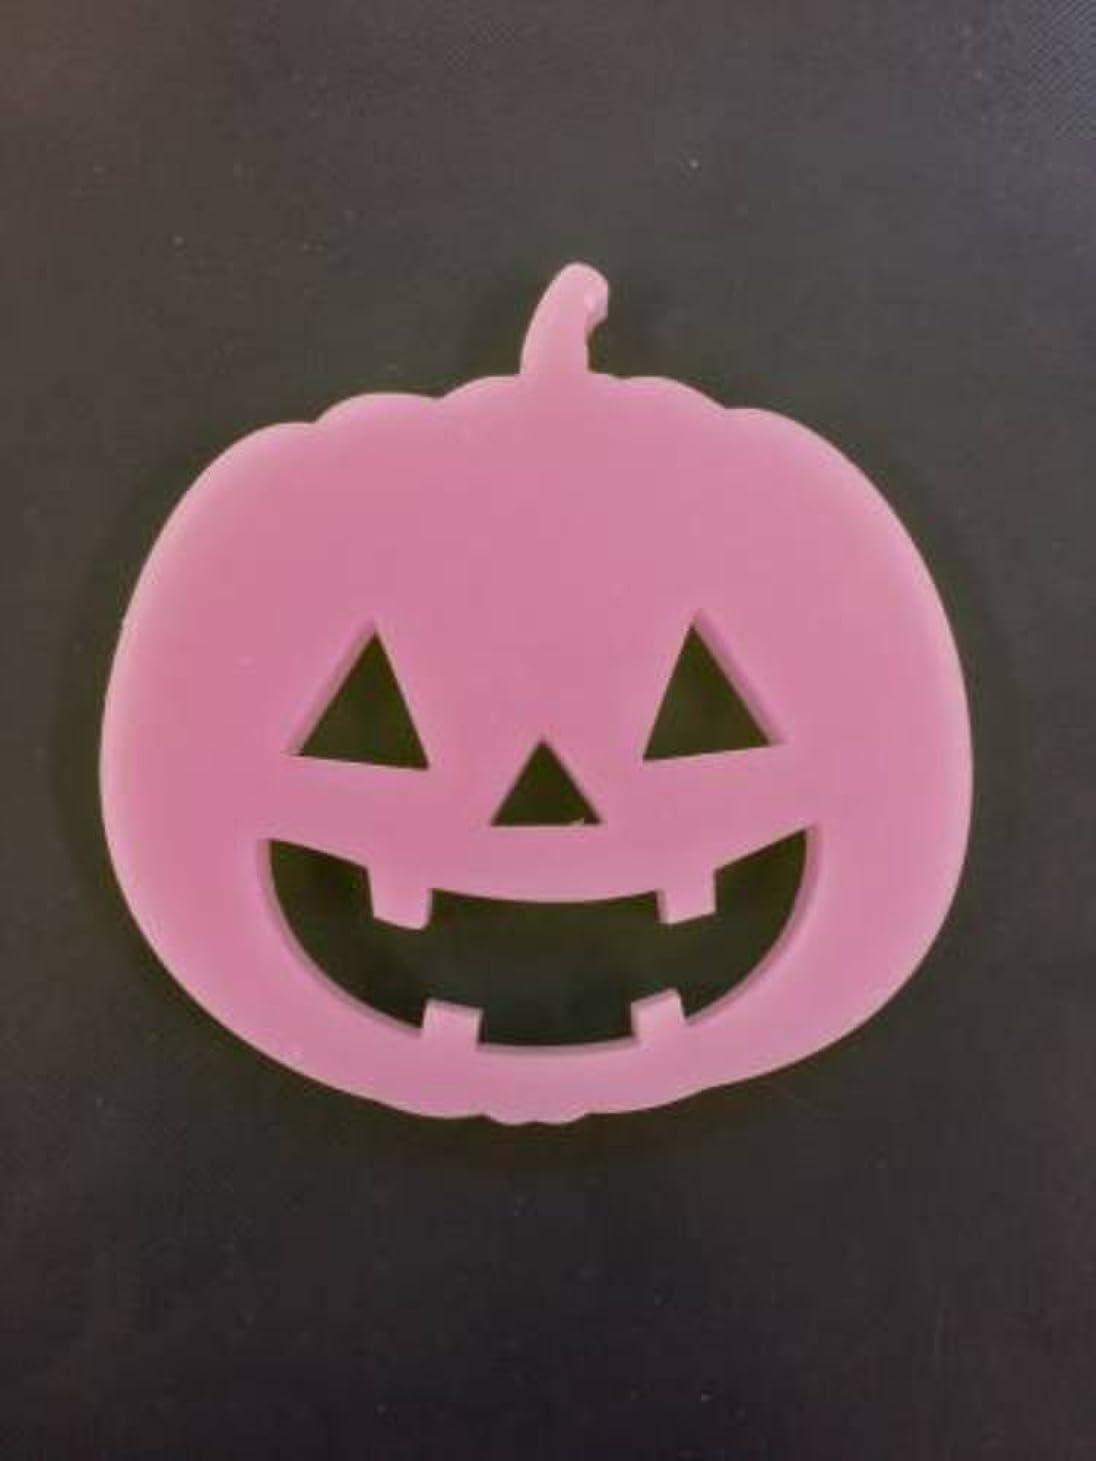 舞い上がるミサイル恐怖GRASSE TOKYO AROMATICWAXチャーム「ハロウィンかぼちゃ」(PI) ゼラニウム アロマティックワックス グラーストウキョウ